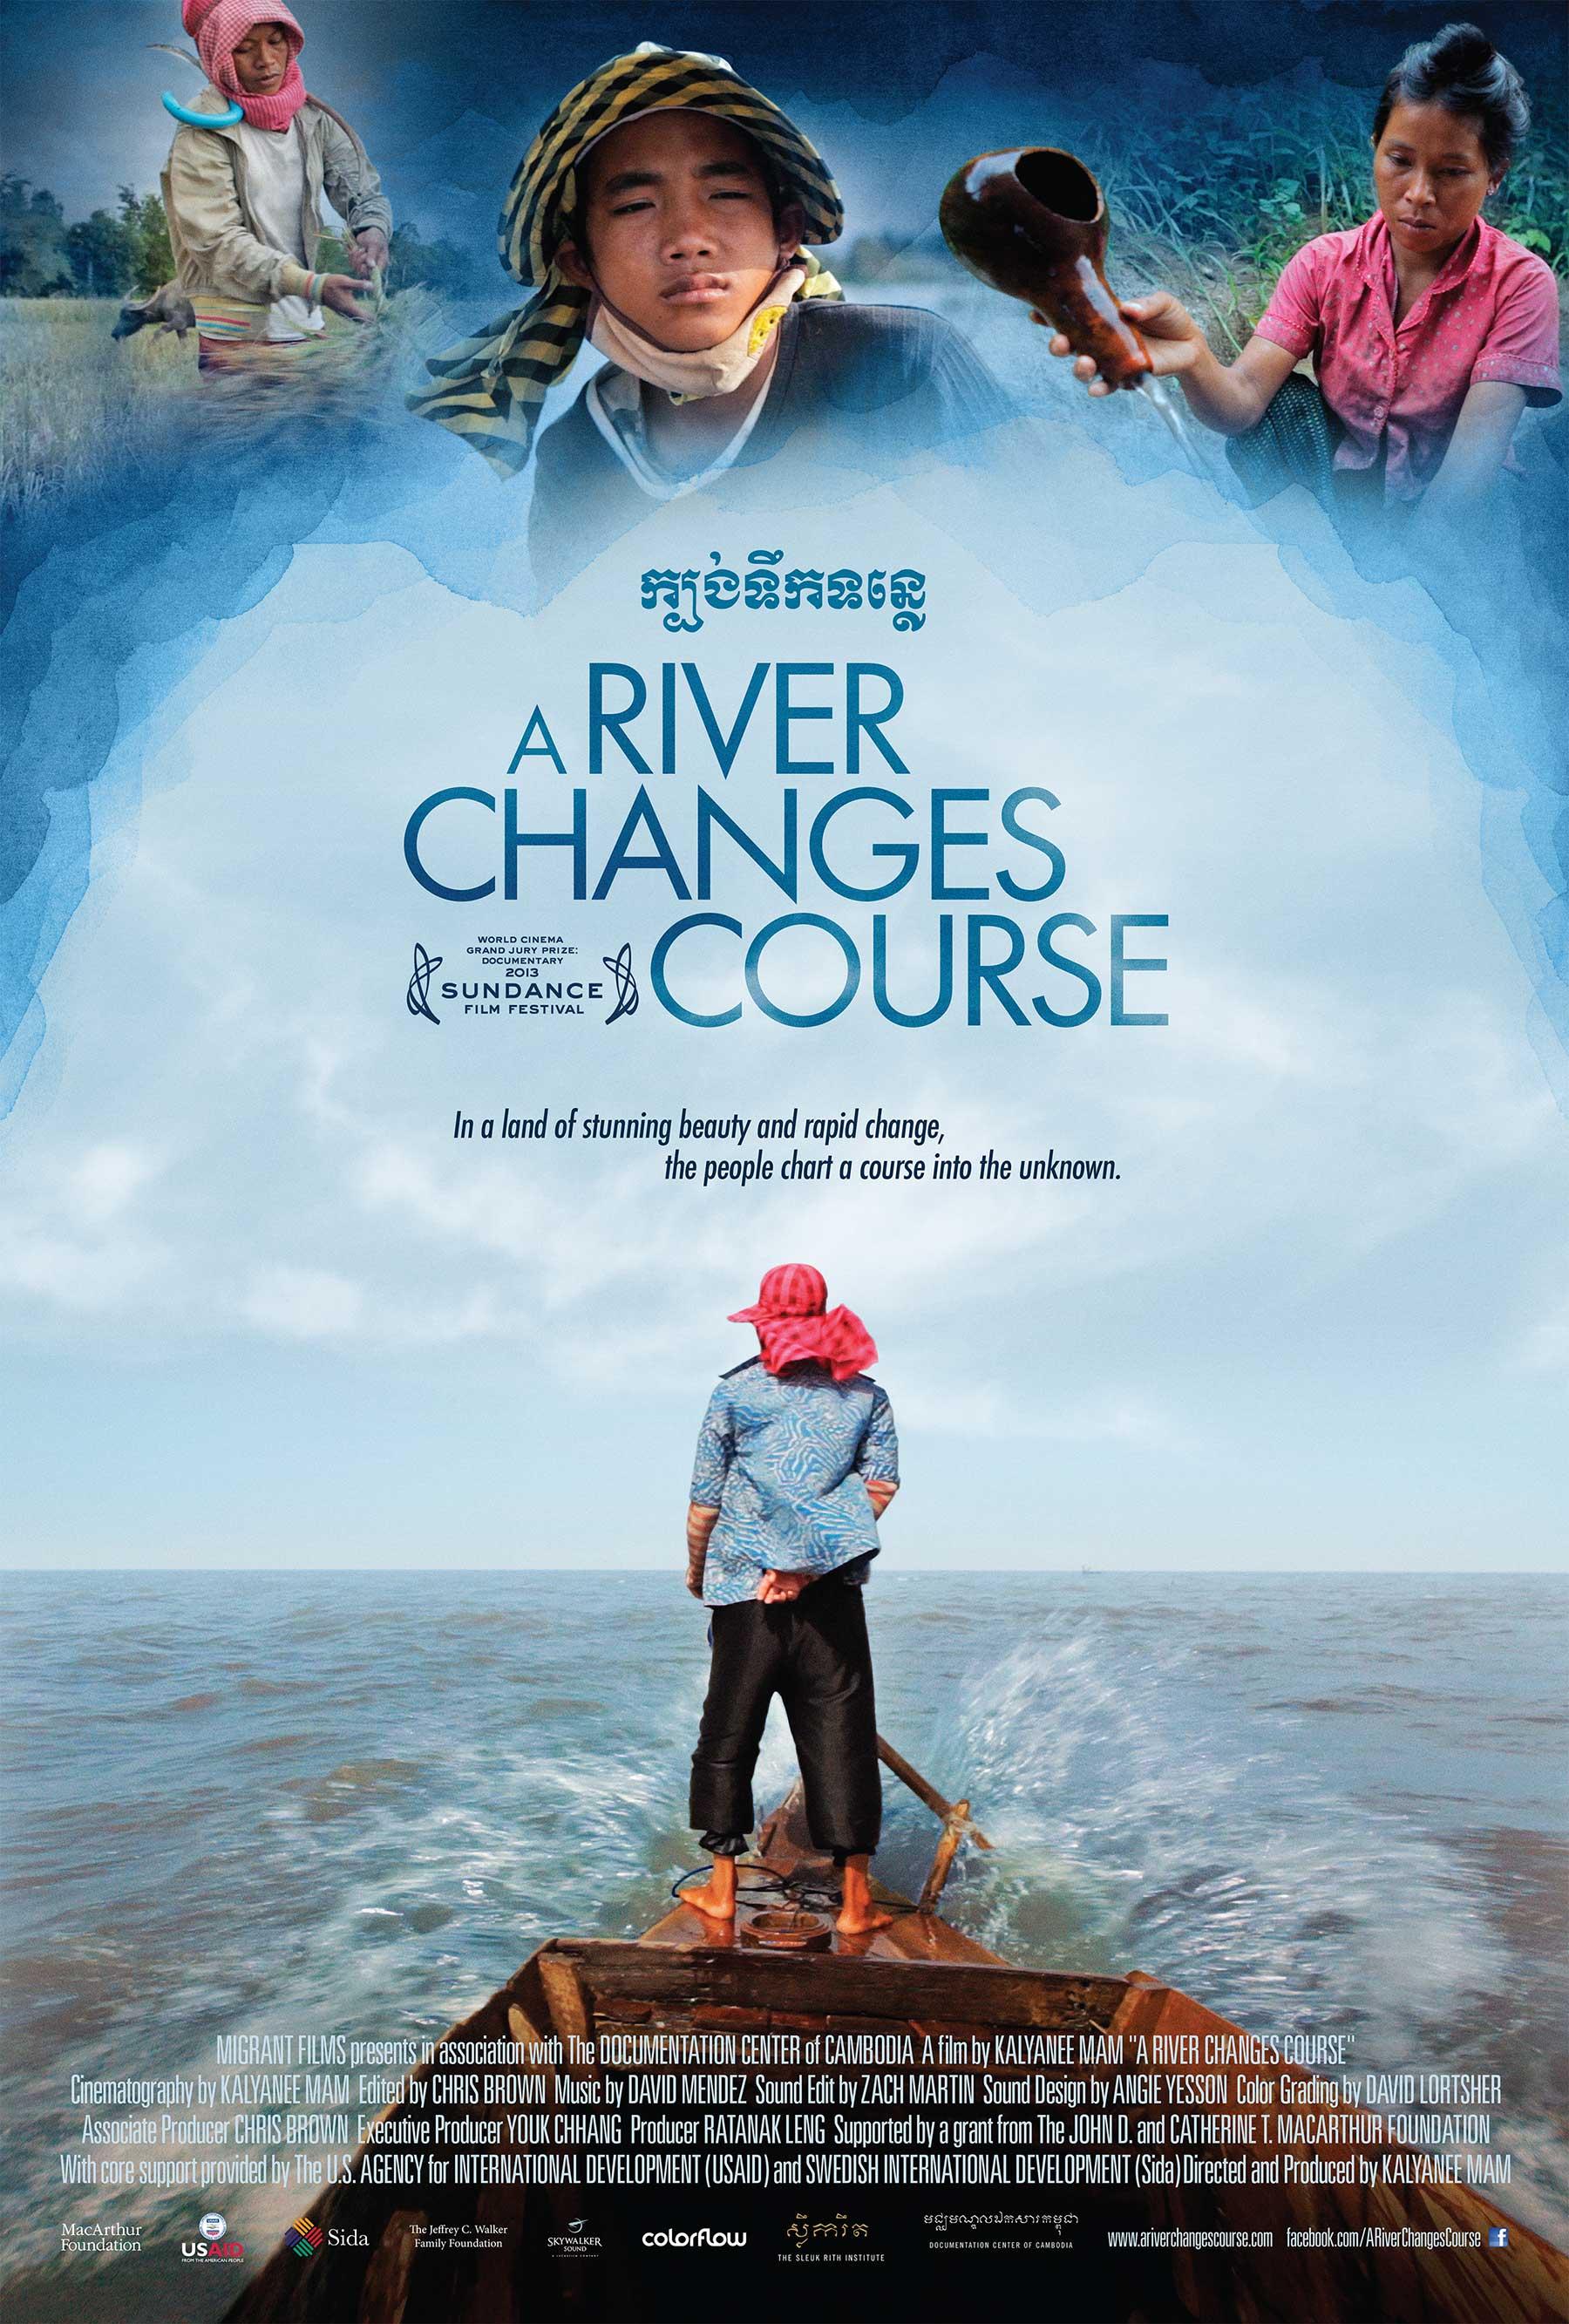 P_A-RIVER-CHANGES-COURSE